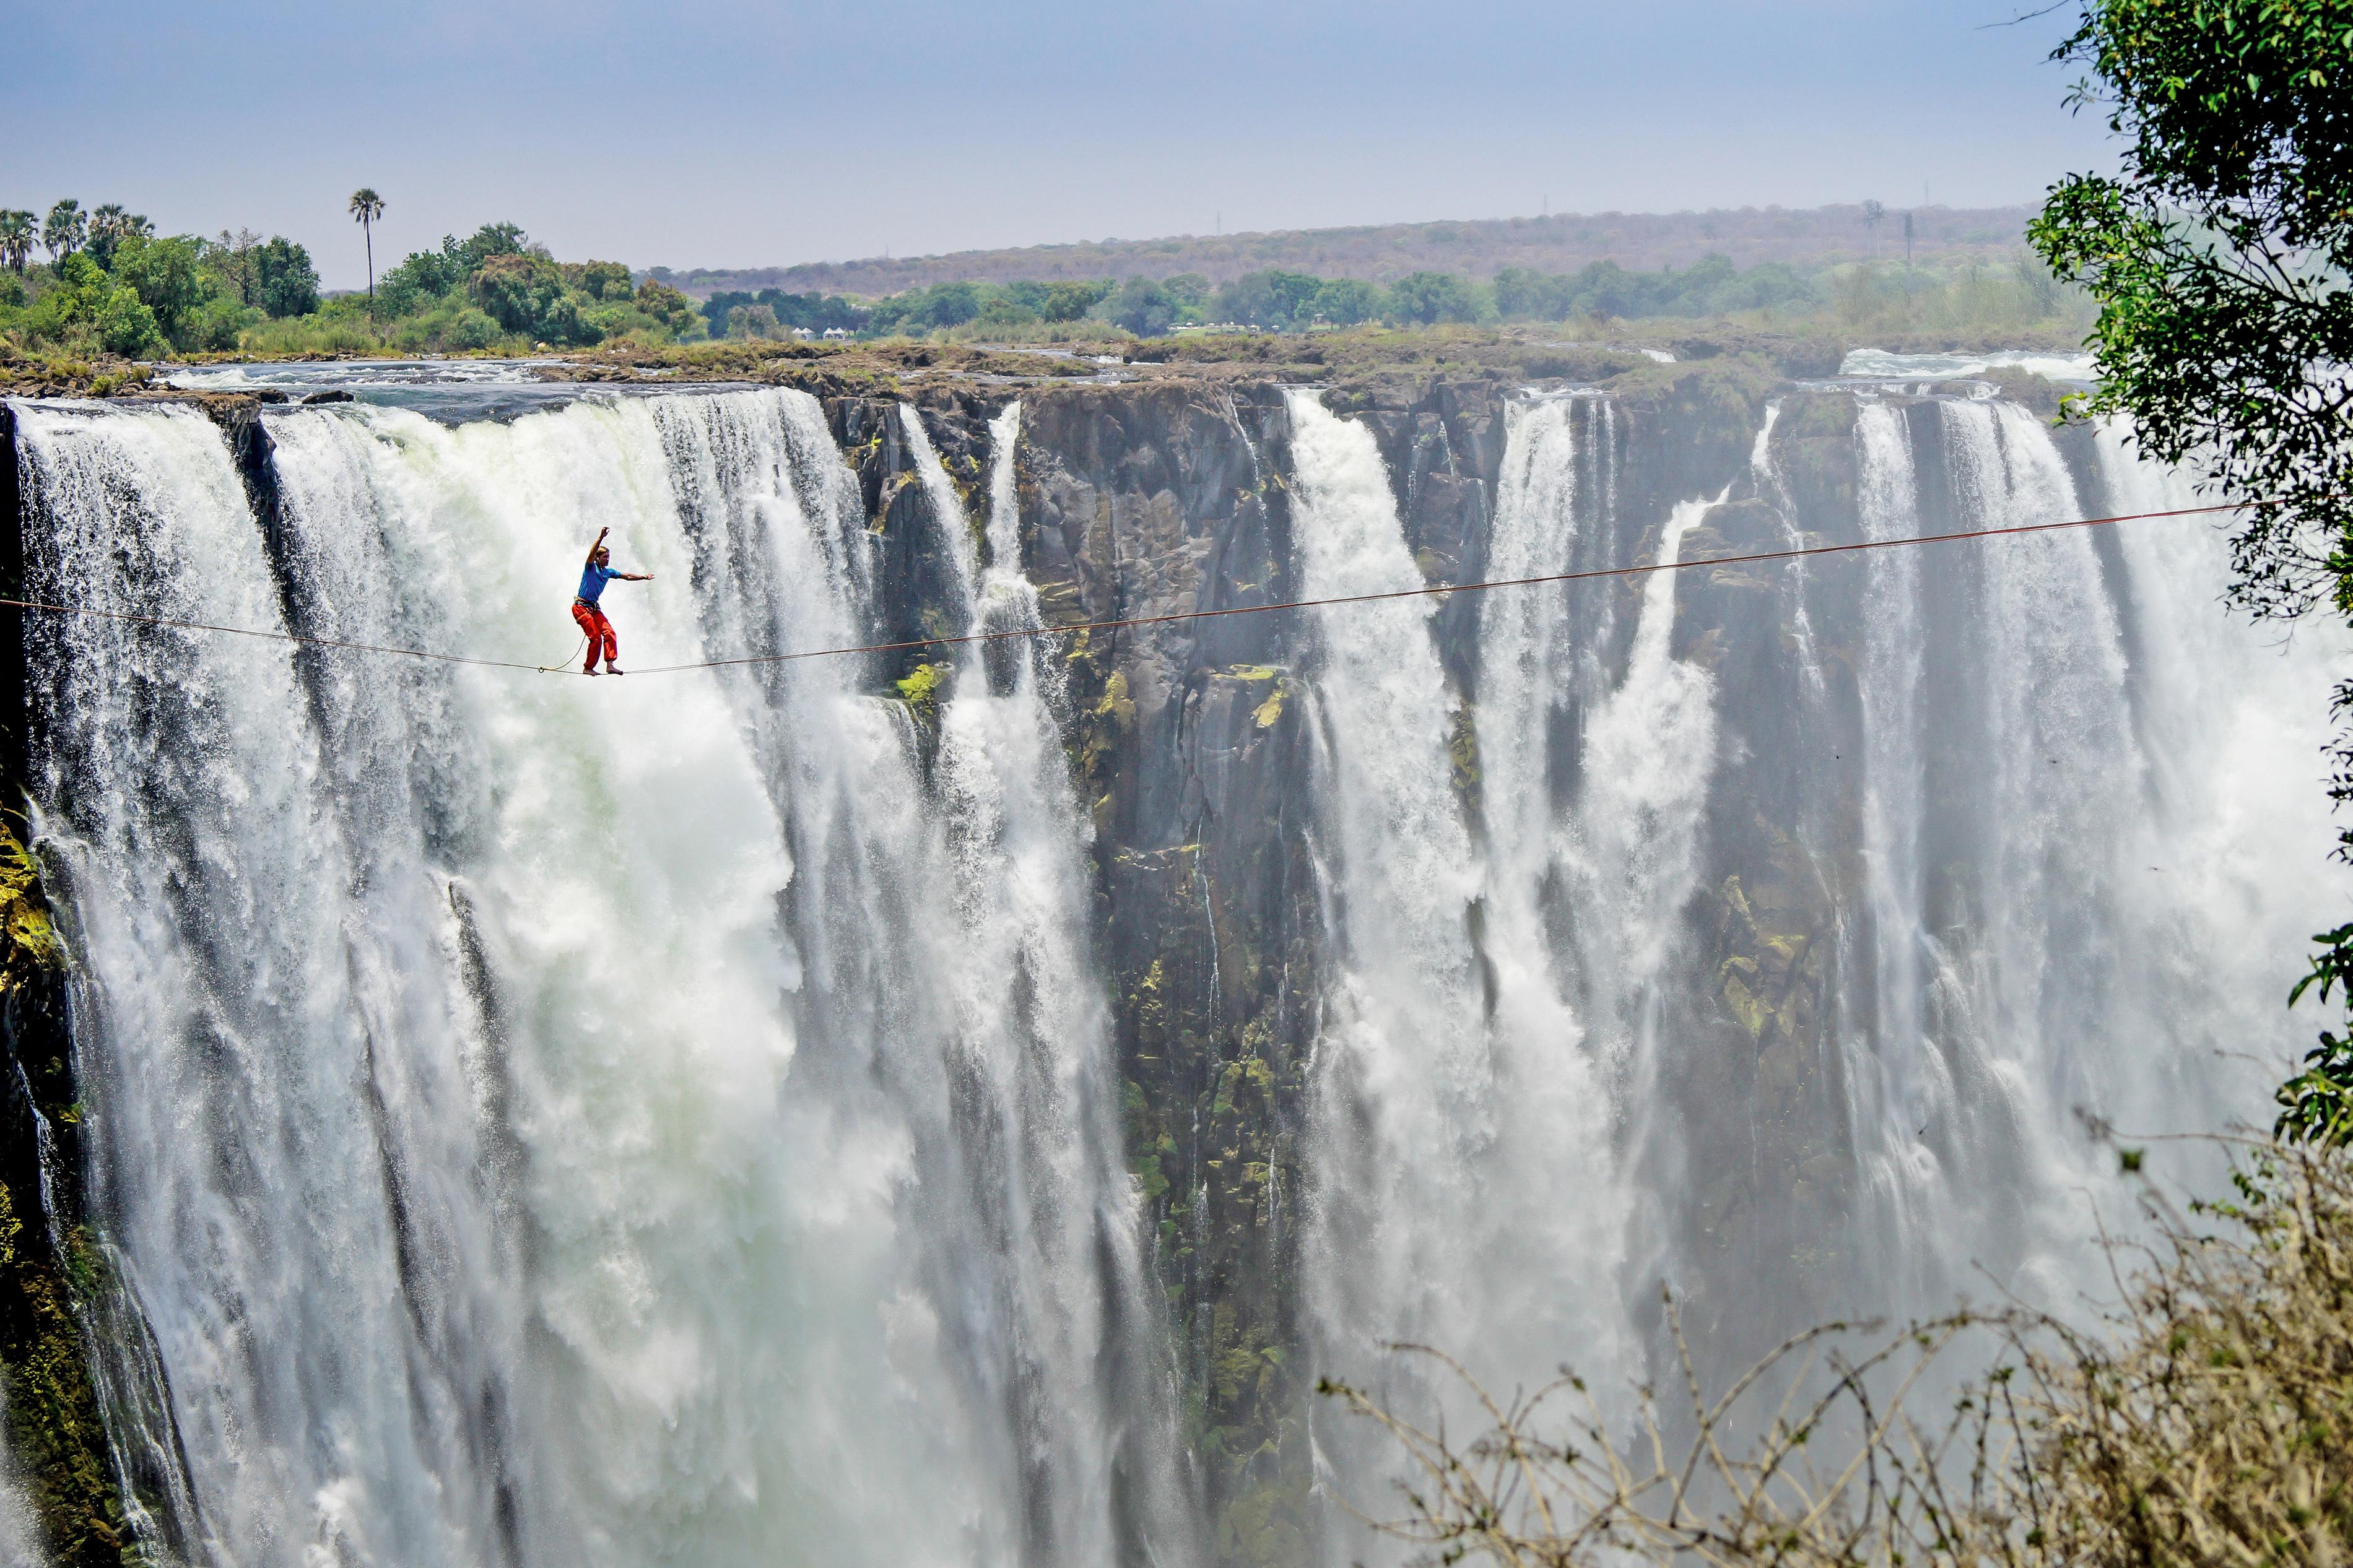 Slacklinen über dem Wasserfall